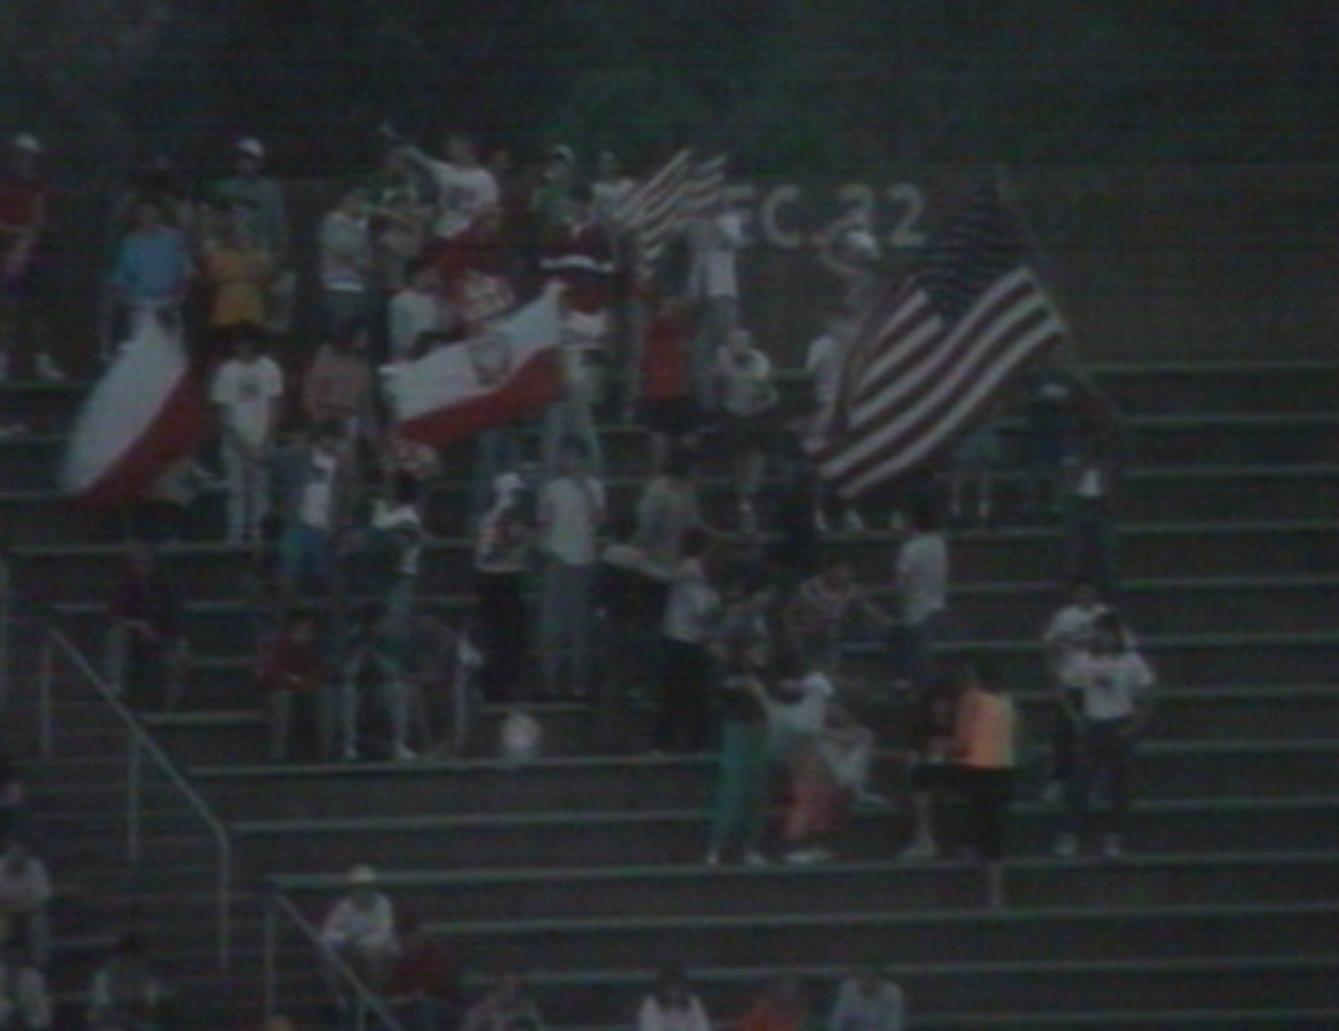 """""""Jesteśmy wszędzie tam, gdzie Polska gra"""" – dało się słyszeć z trybun. Kibice dopingowali biało-czerwonych nawet w dalekiej Pensylwanii, choć tym razem ich wsparcie nie na wiele się zdało."""